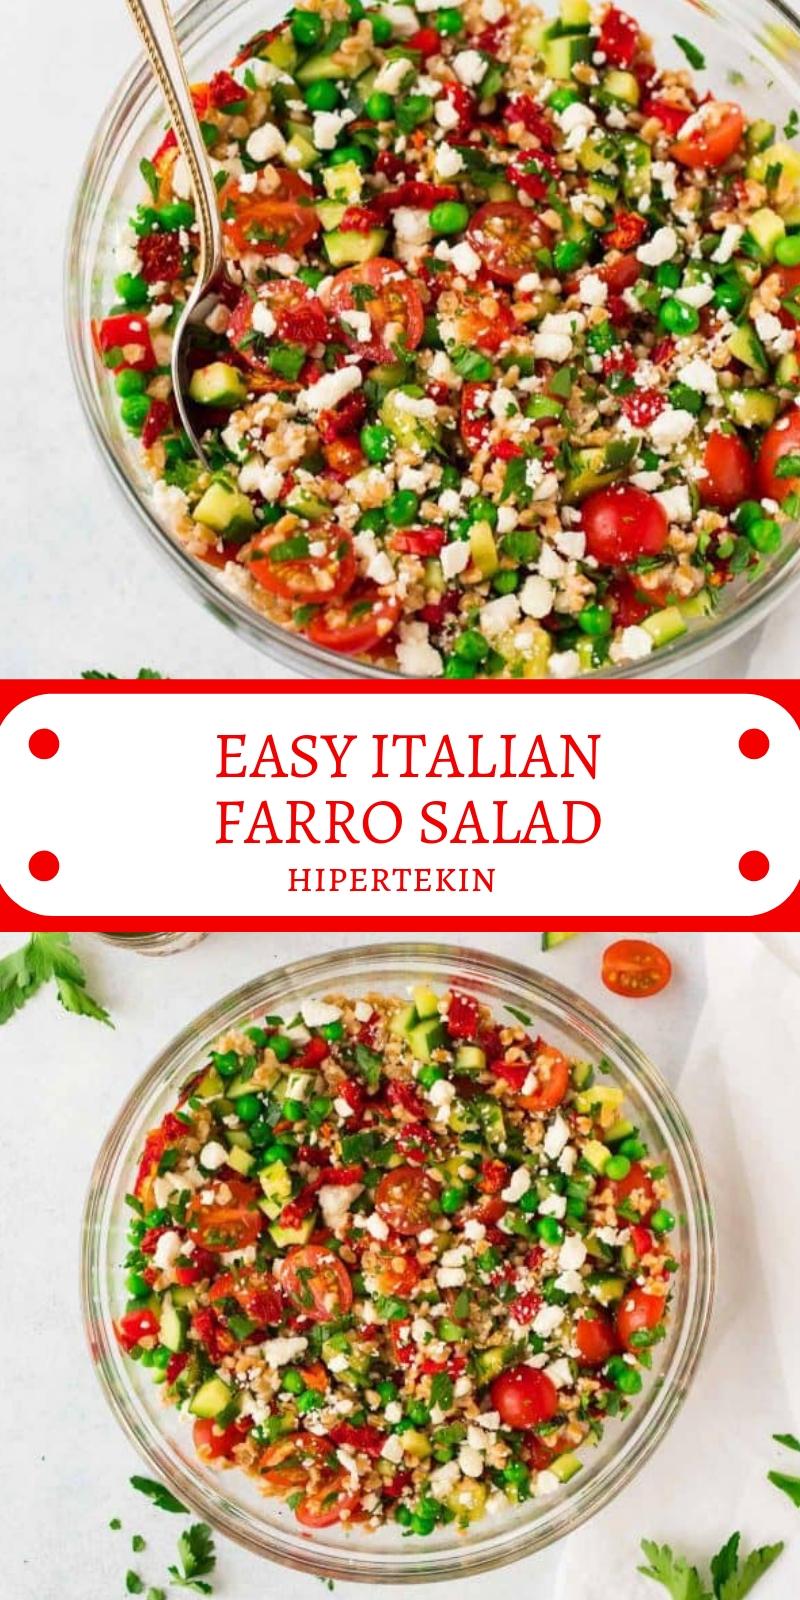 EASY ITALIAN FARRO SALAD